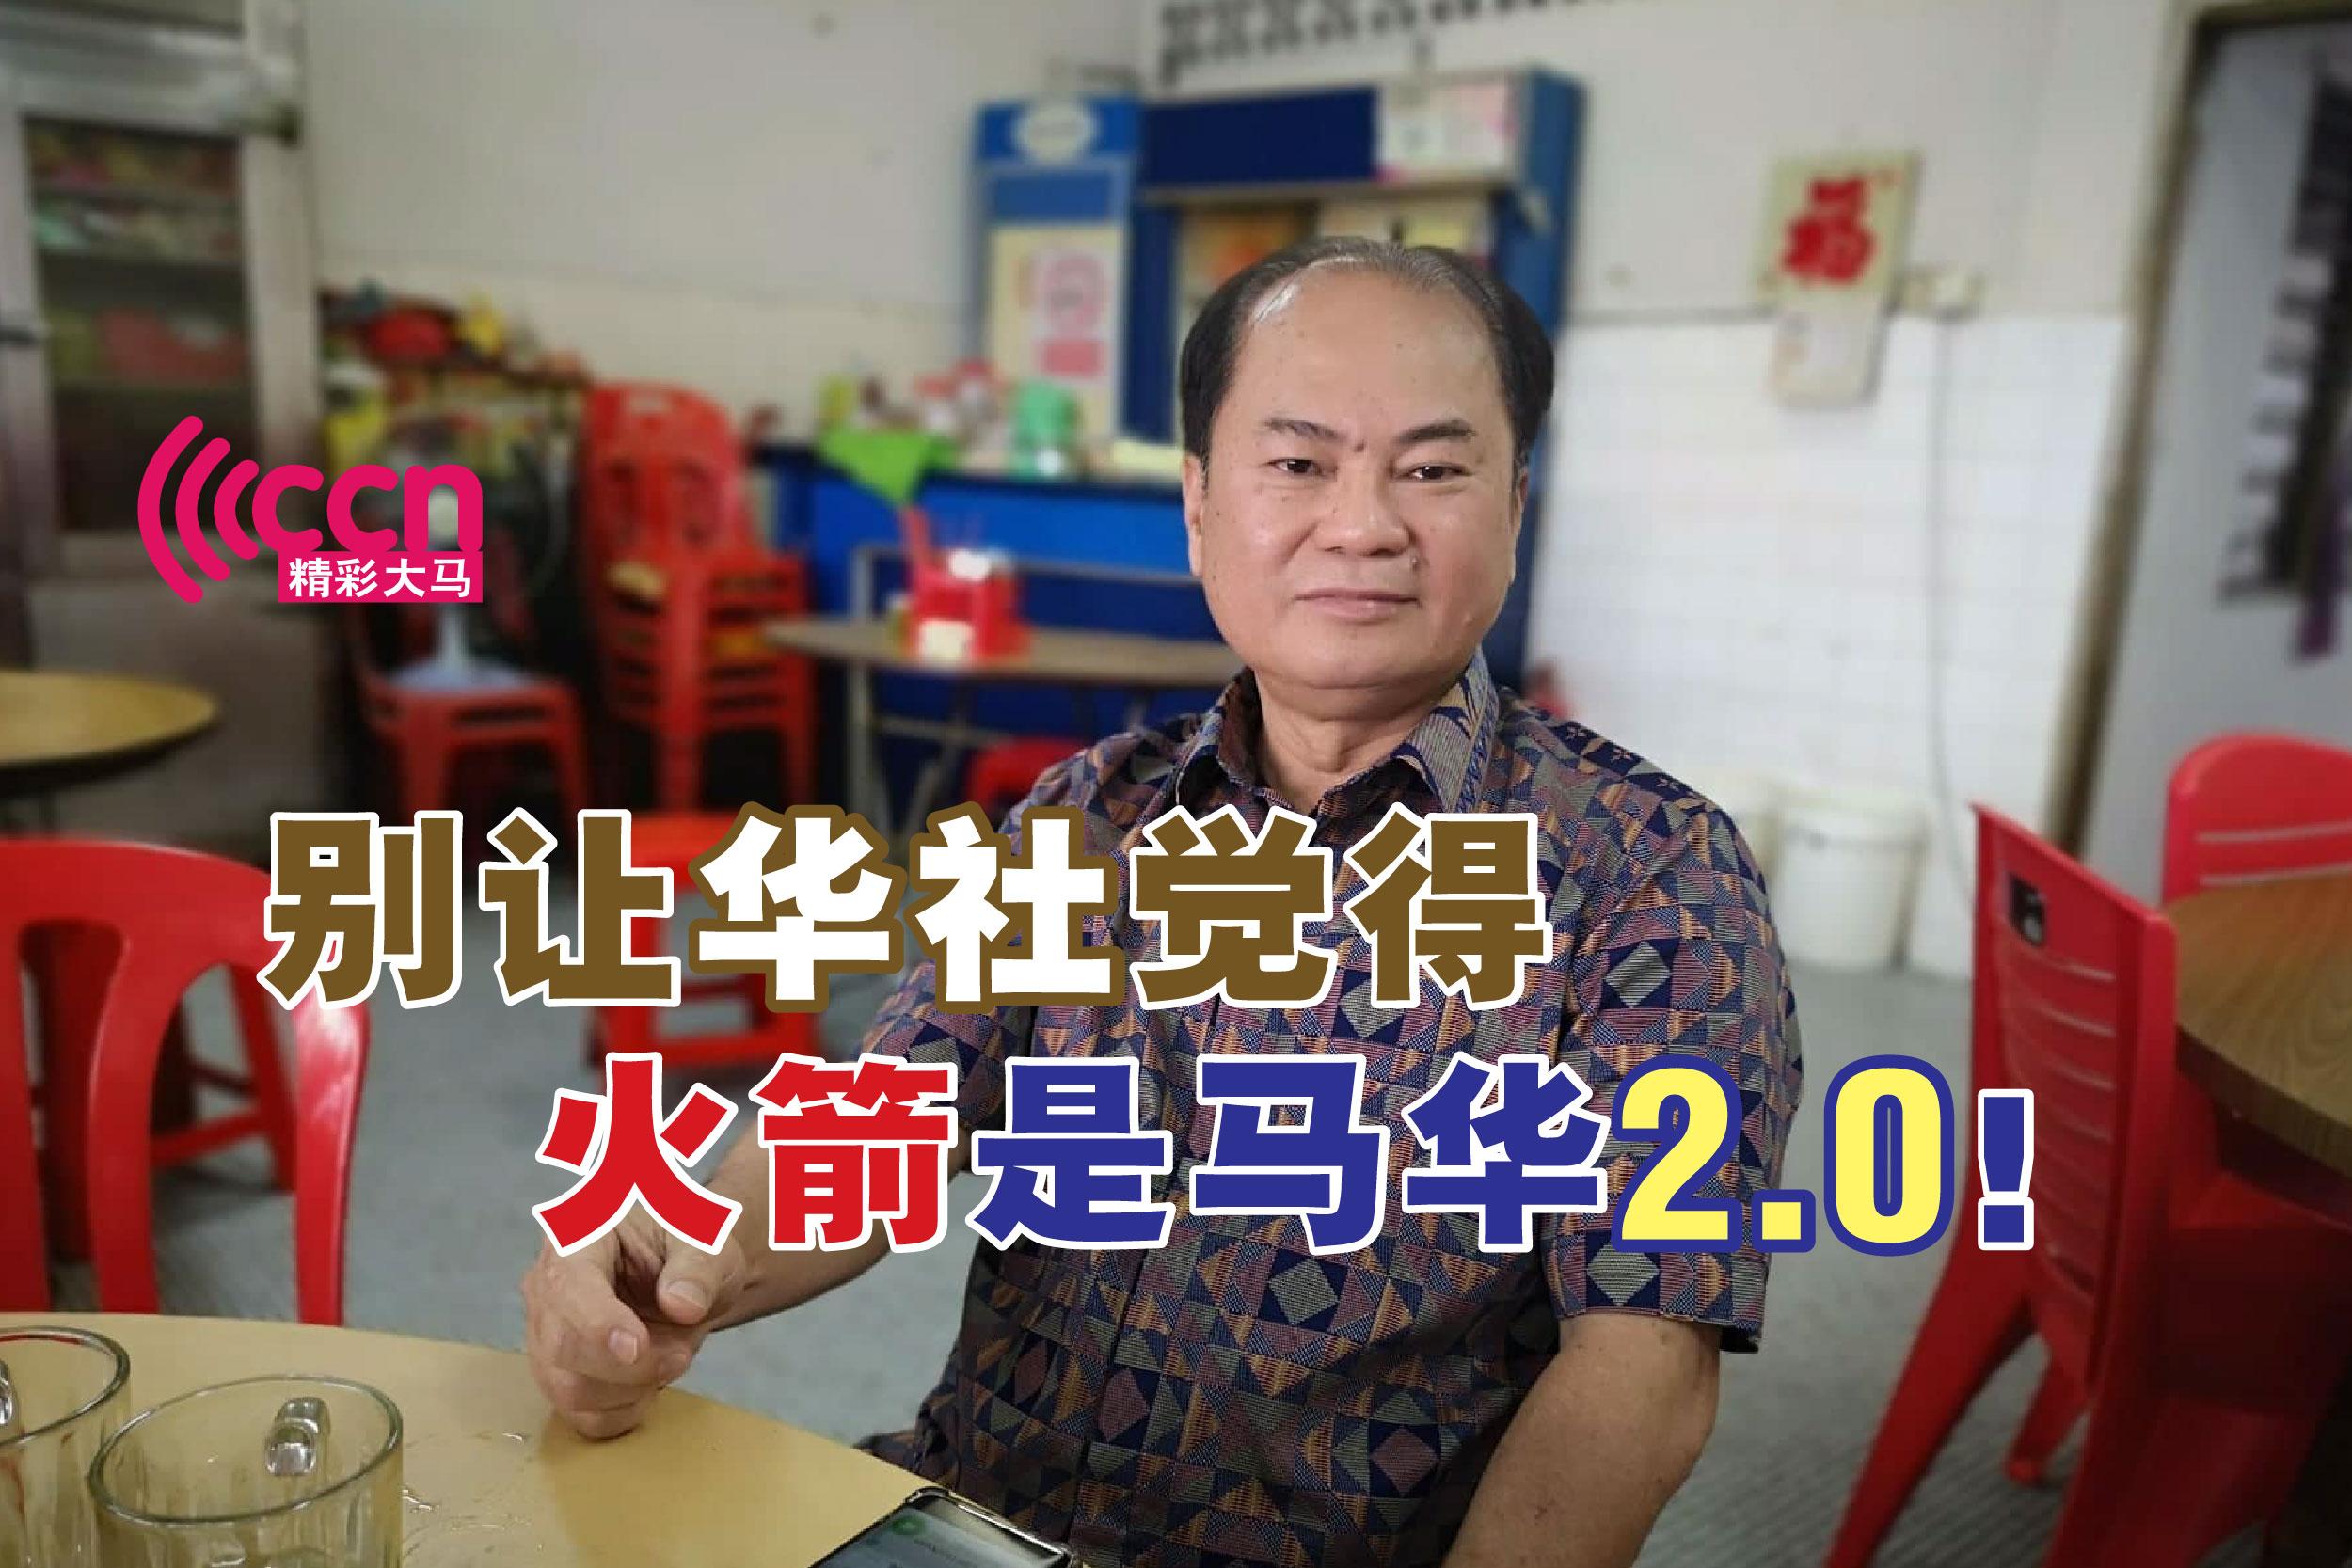 刘天球说,行动党未必需要严厉地批判任何课题,但至少要传达人民心声。 -精彩大马摄-